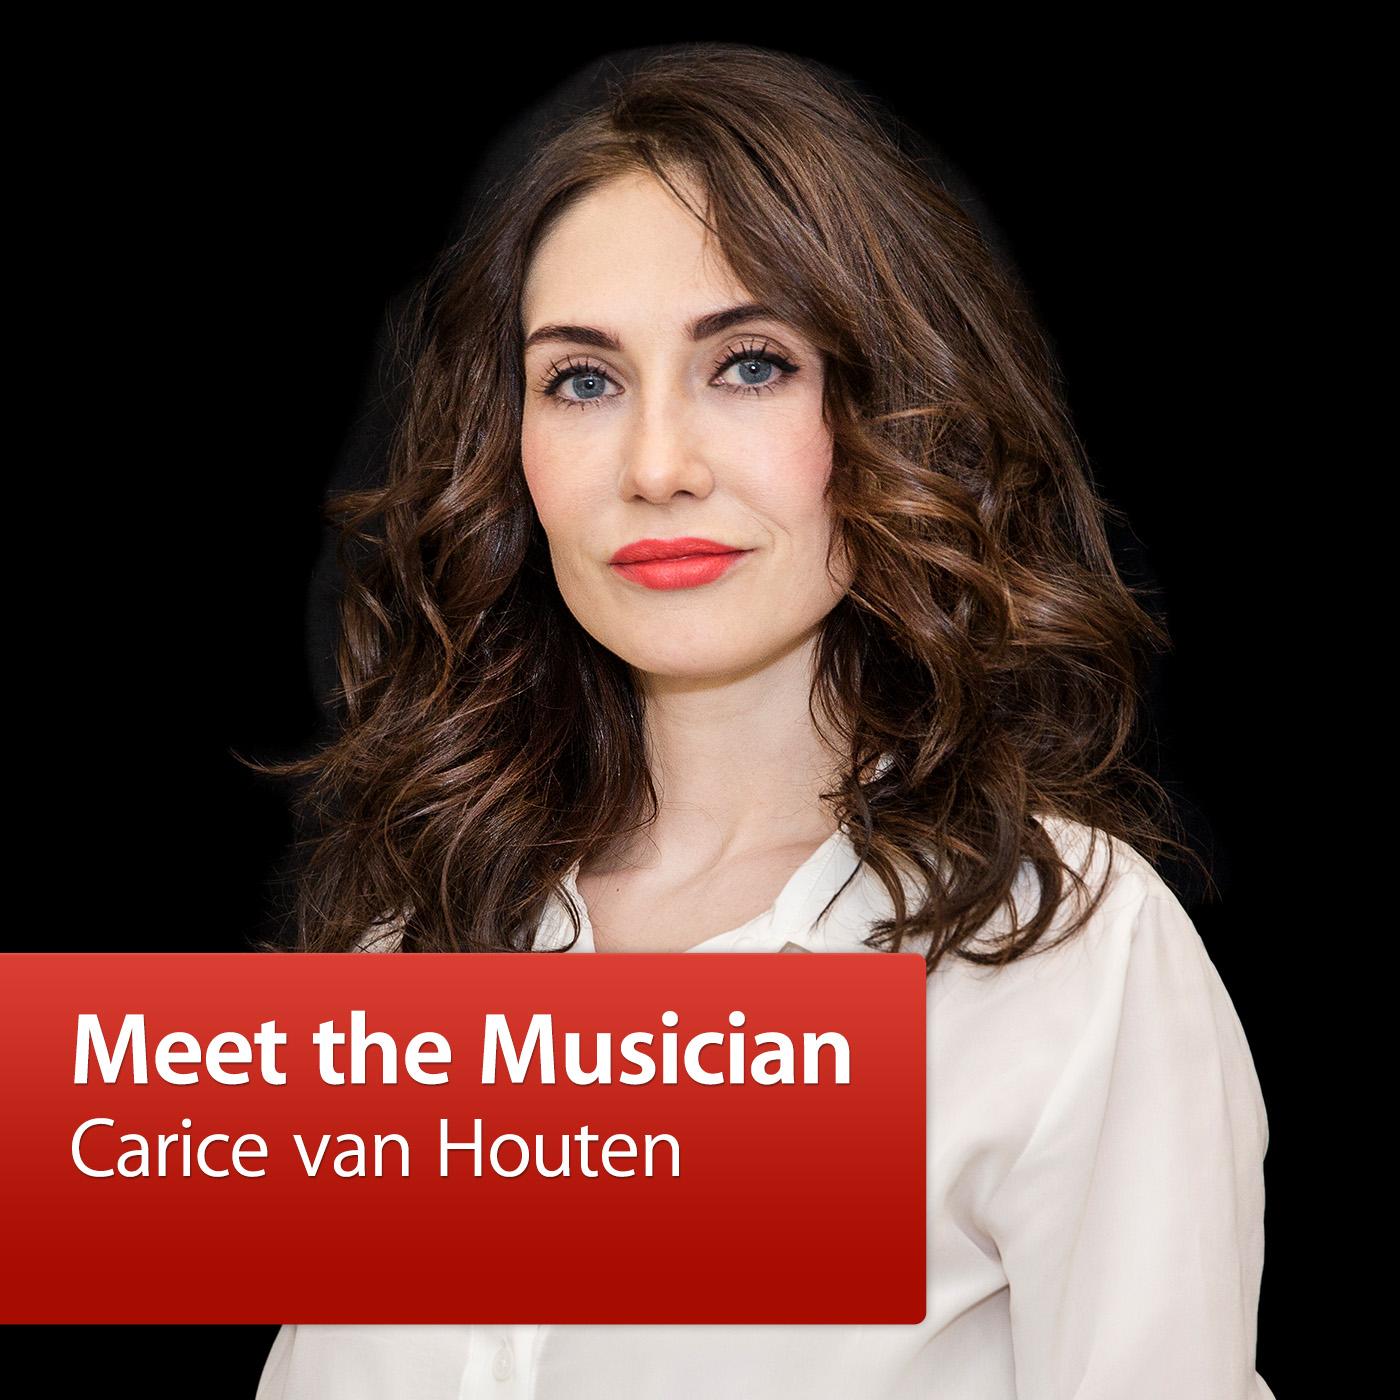 Carice van Houten: Meet the Musician